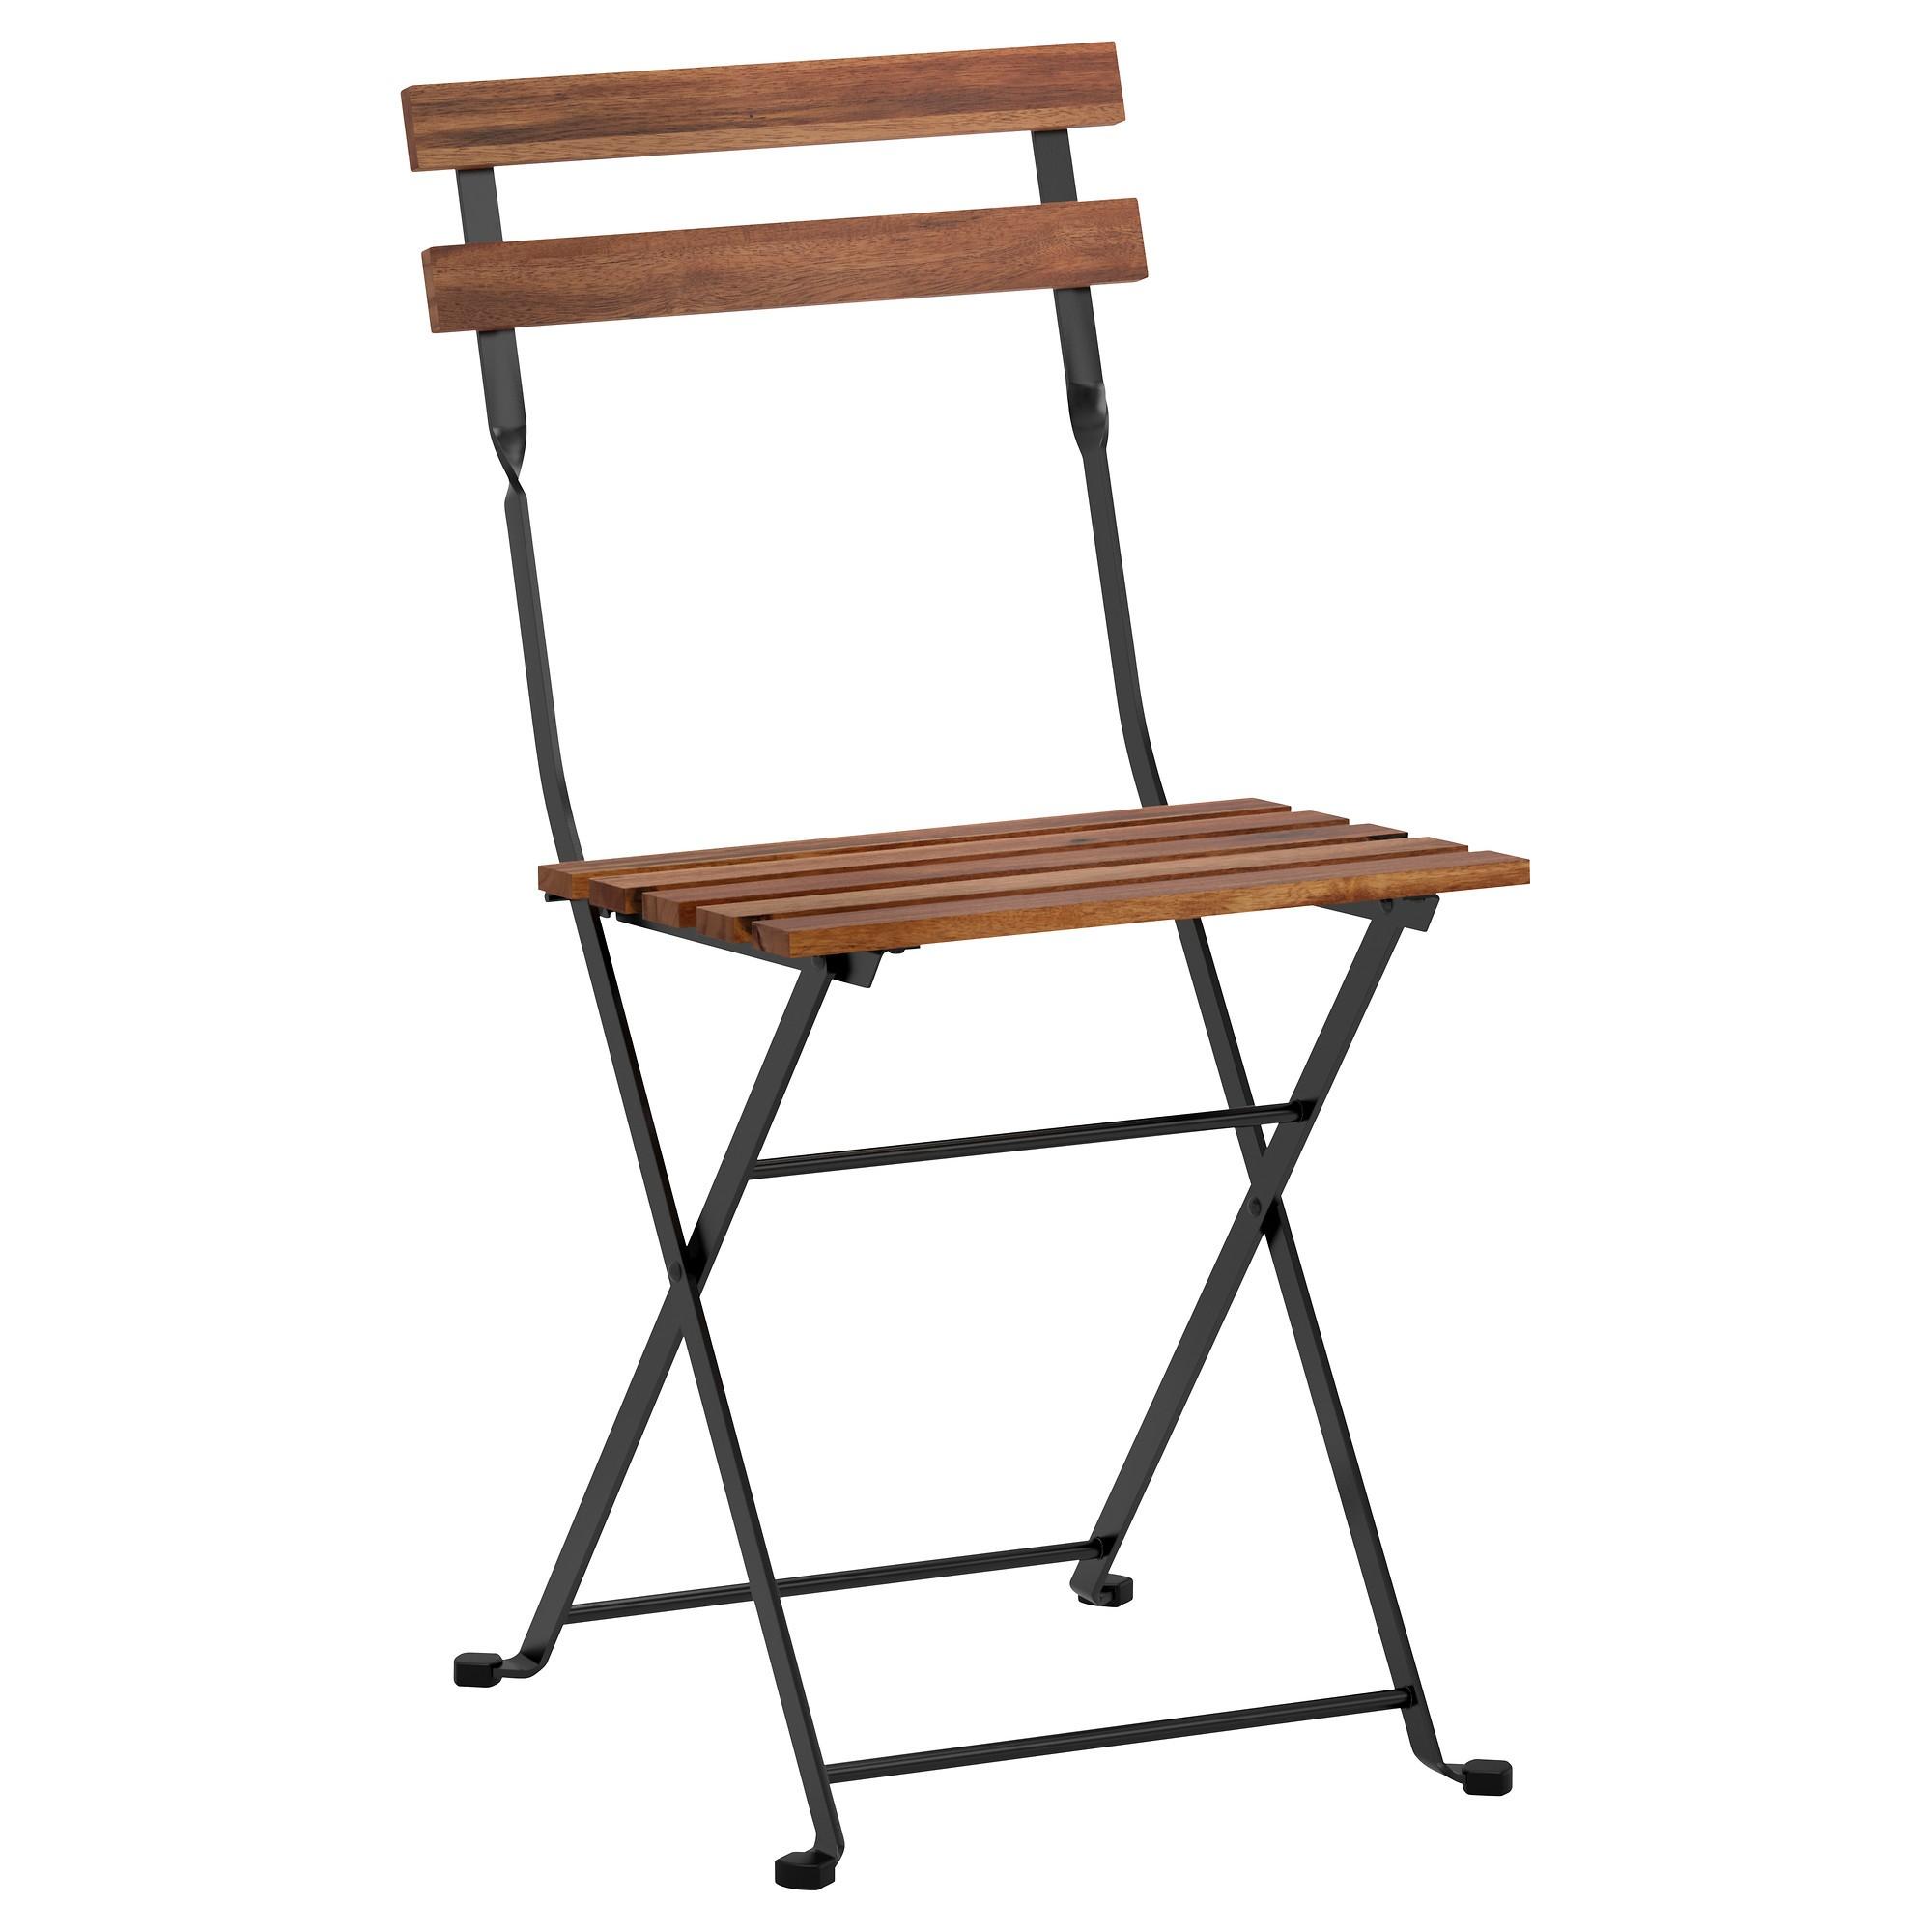 Chaise Pliante Ikea Jardin  Chaise  Idées De Décoration